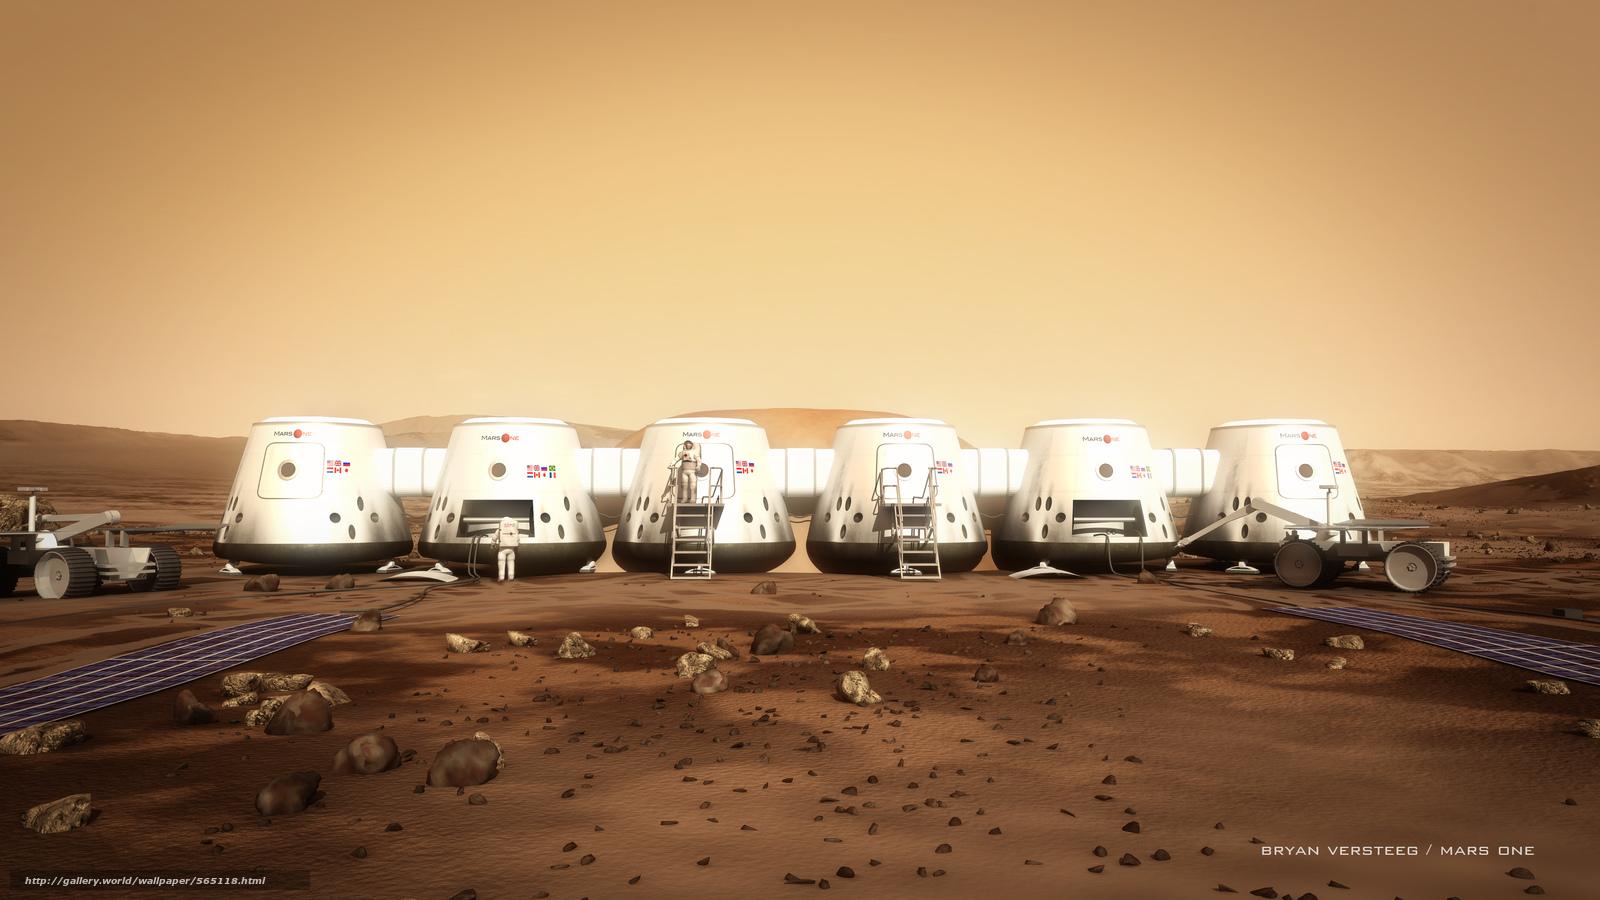 Скачать на телефон обои фото картинку на тему Марс, астронавты, марсоход, камни, грунт, модули, разширение 4000x2250